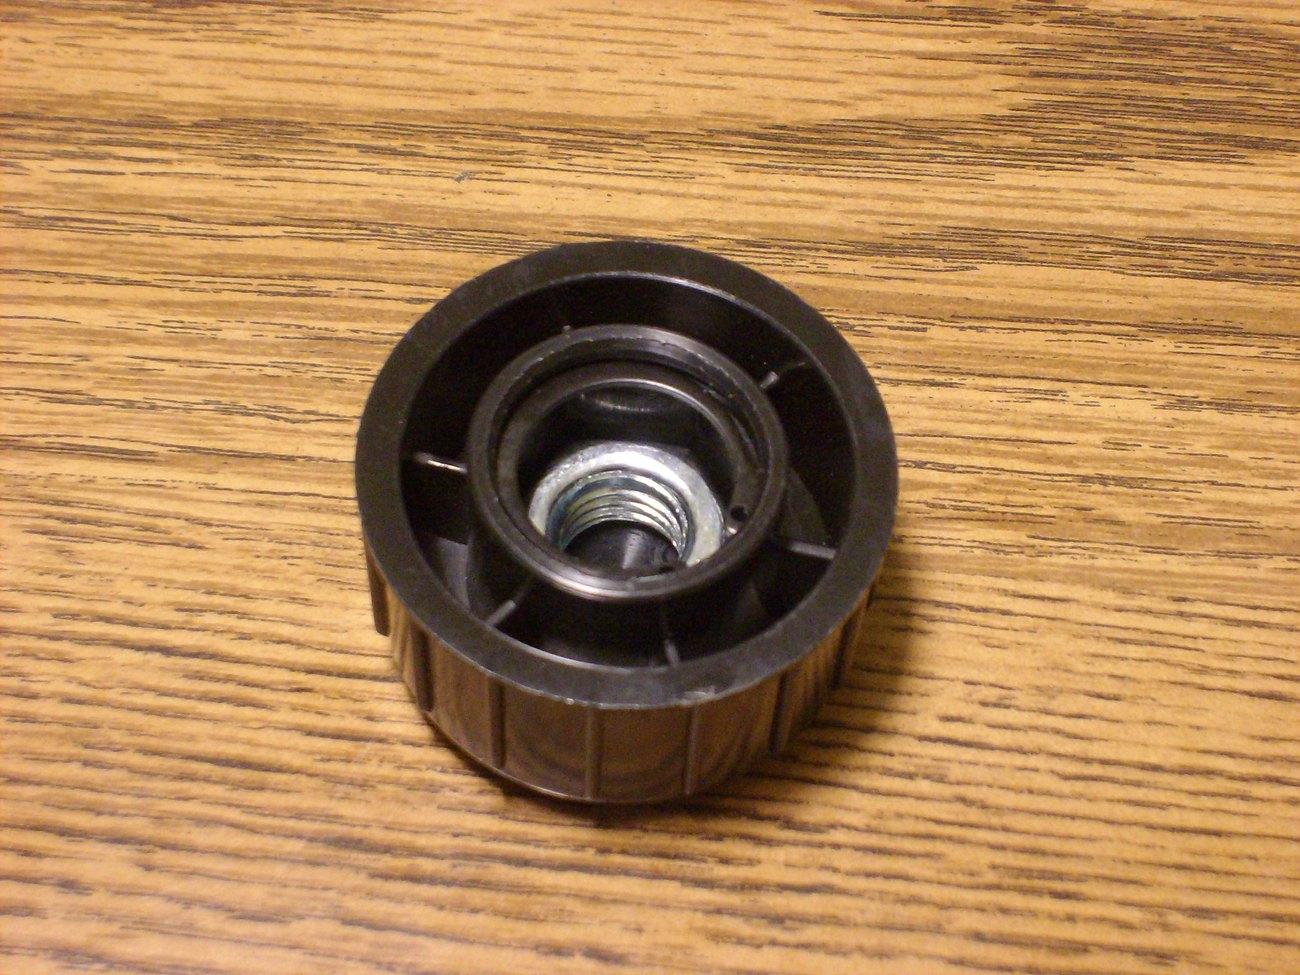 Bump Head Knob fits Stihl FS36, 40, 55, 66, 72, 76, 81, 86, 96, 40047104000